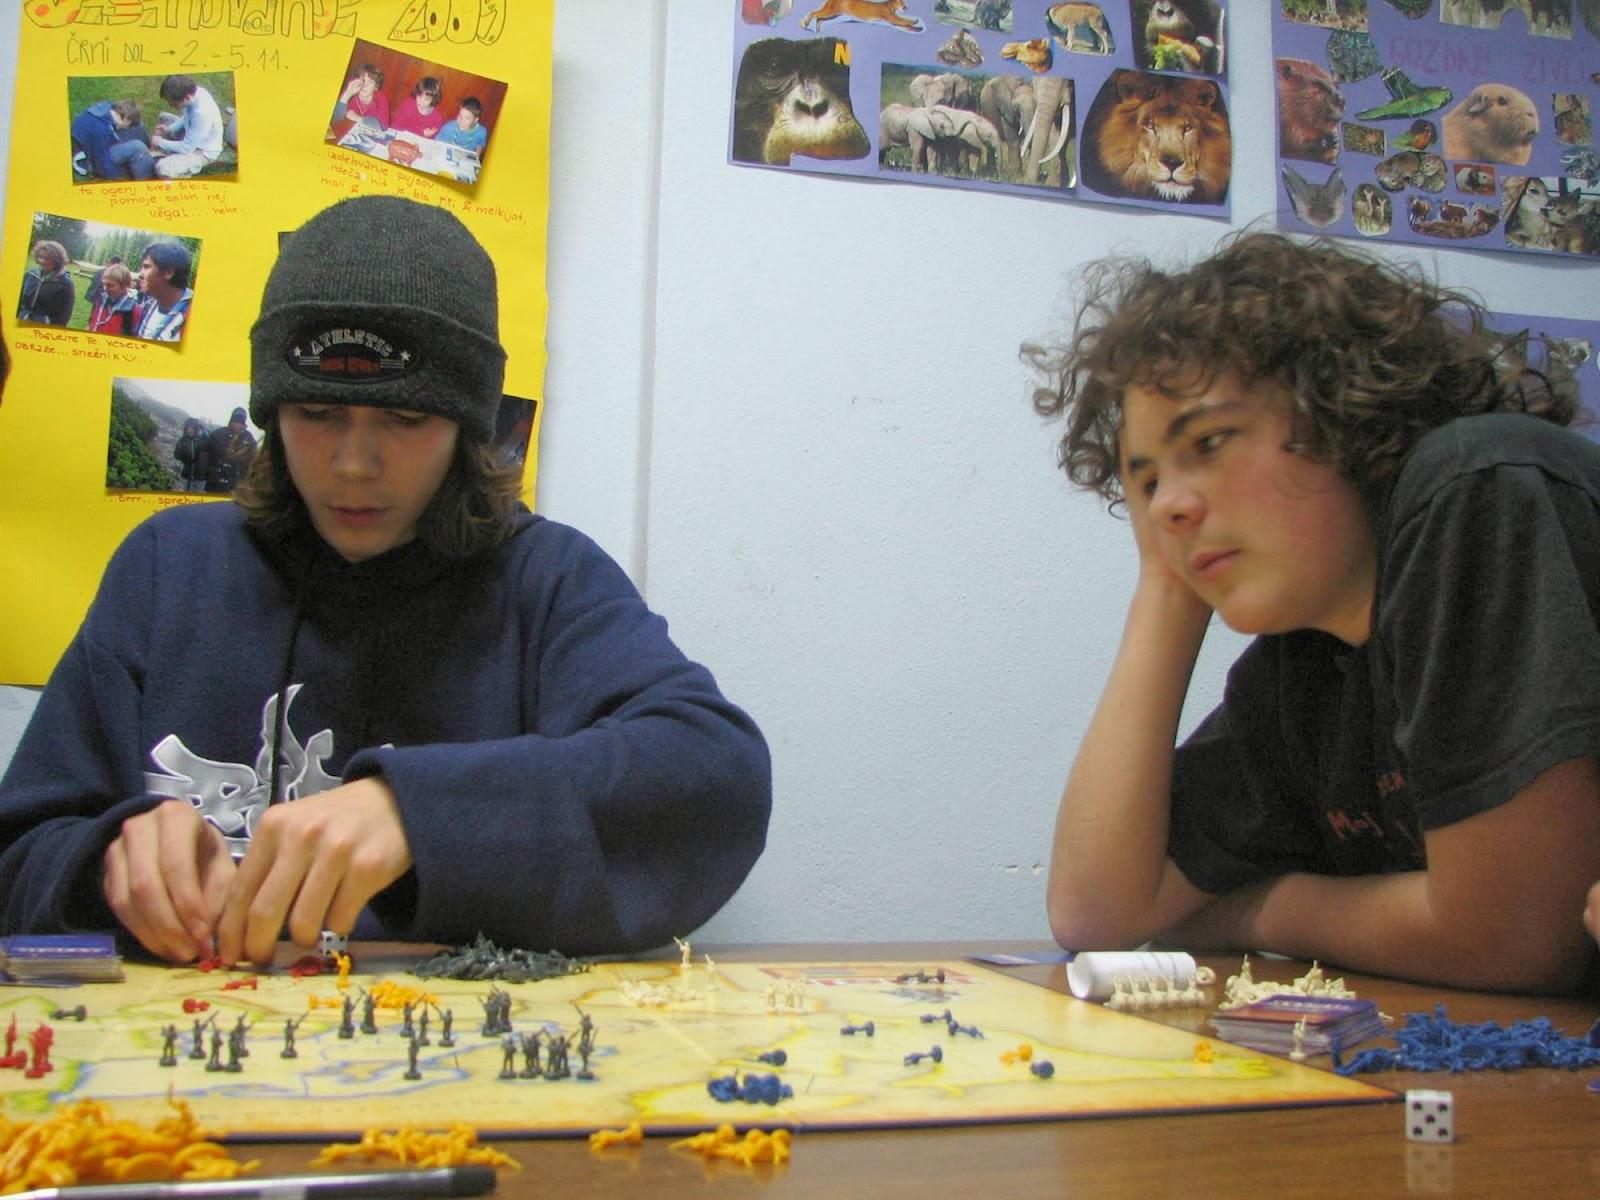 Večer družabnih iger, Ilirska Bistrica 2006 - vecer%2Bdruzabnih%2Biger%2B06%2B018.jpg